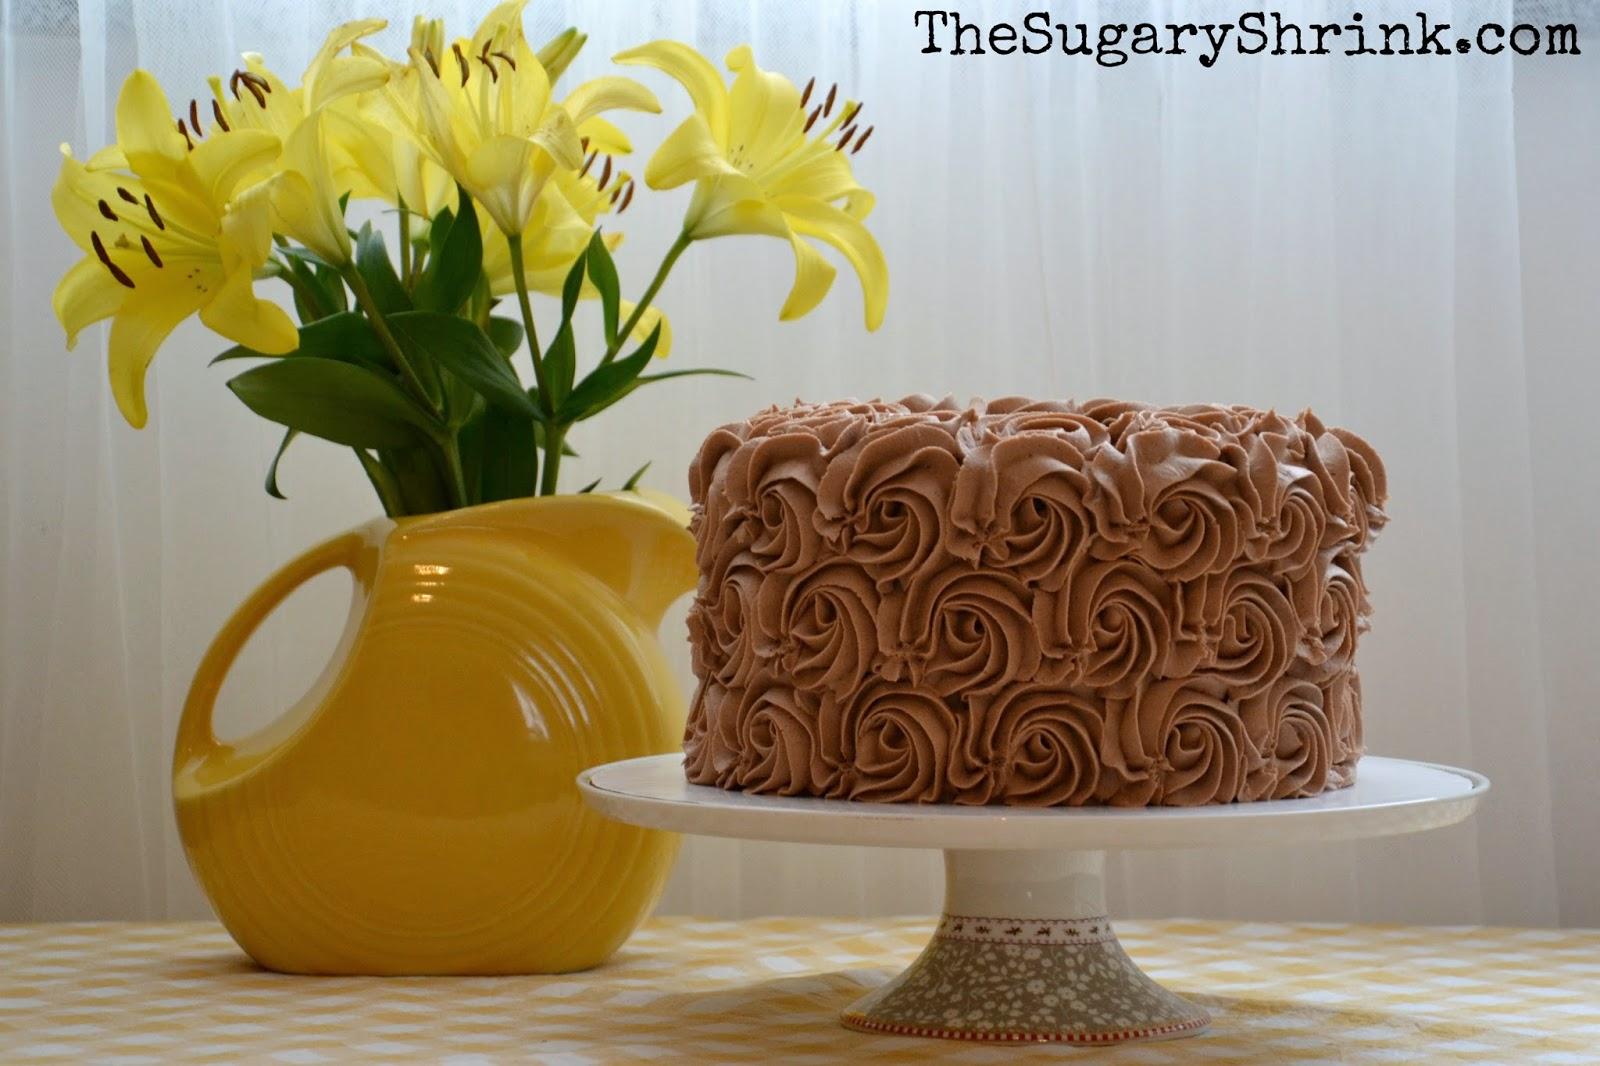 german choc cake yellow tss 377